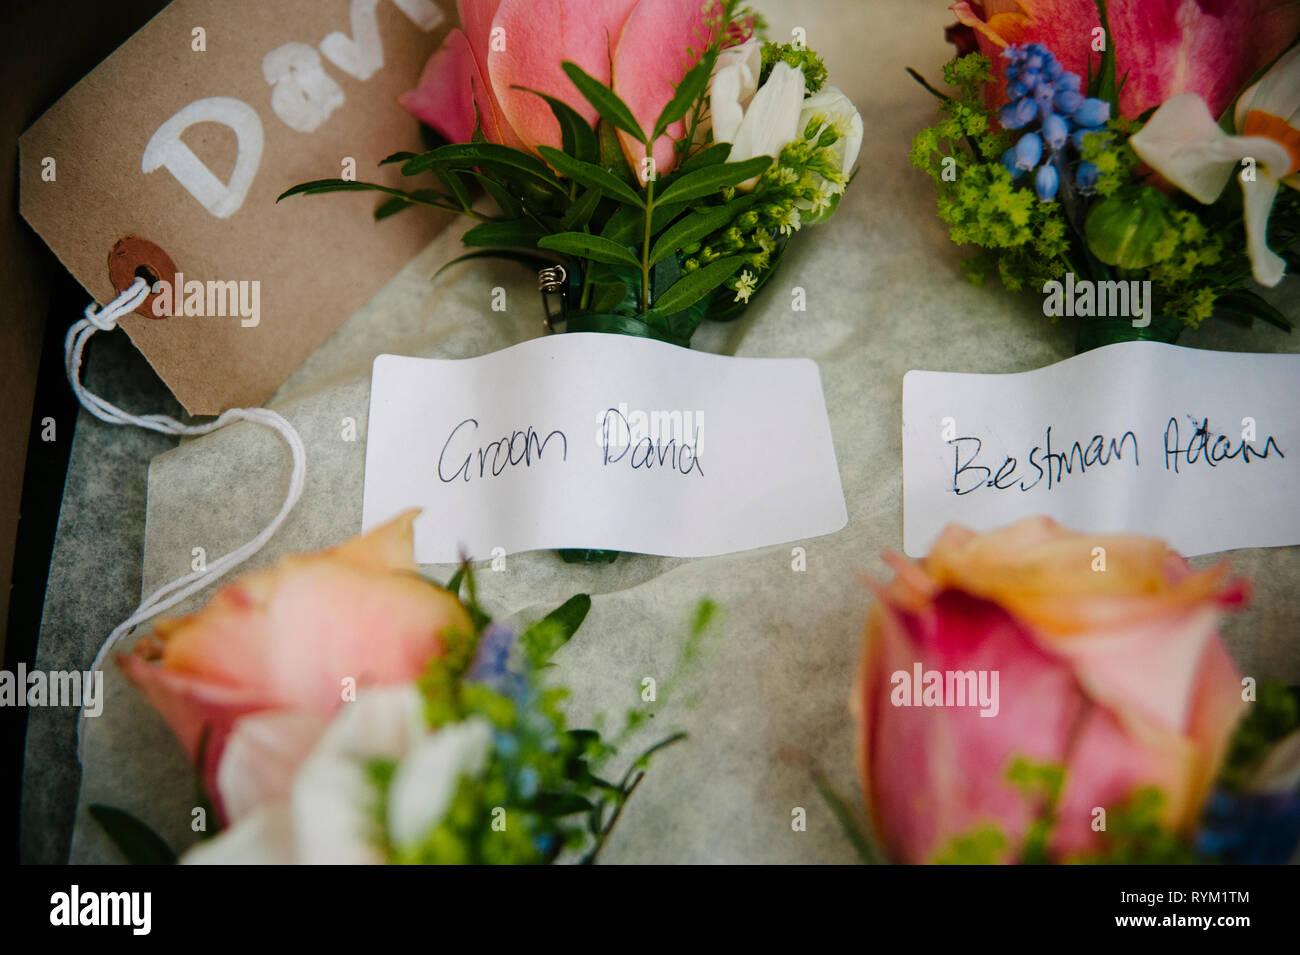 Hochzeit Männer Knopfloch Blumen, bunten und rustikalen Blumen. Knopfloch Blume Ideen Stockbild